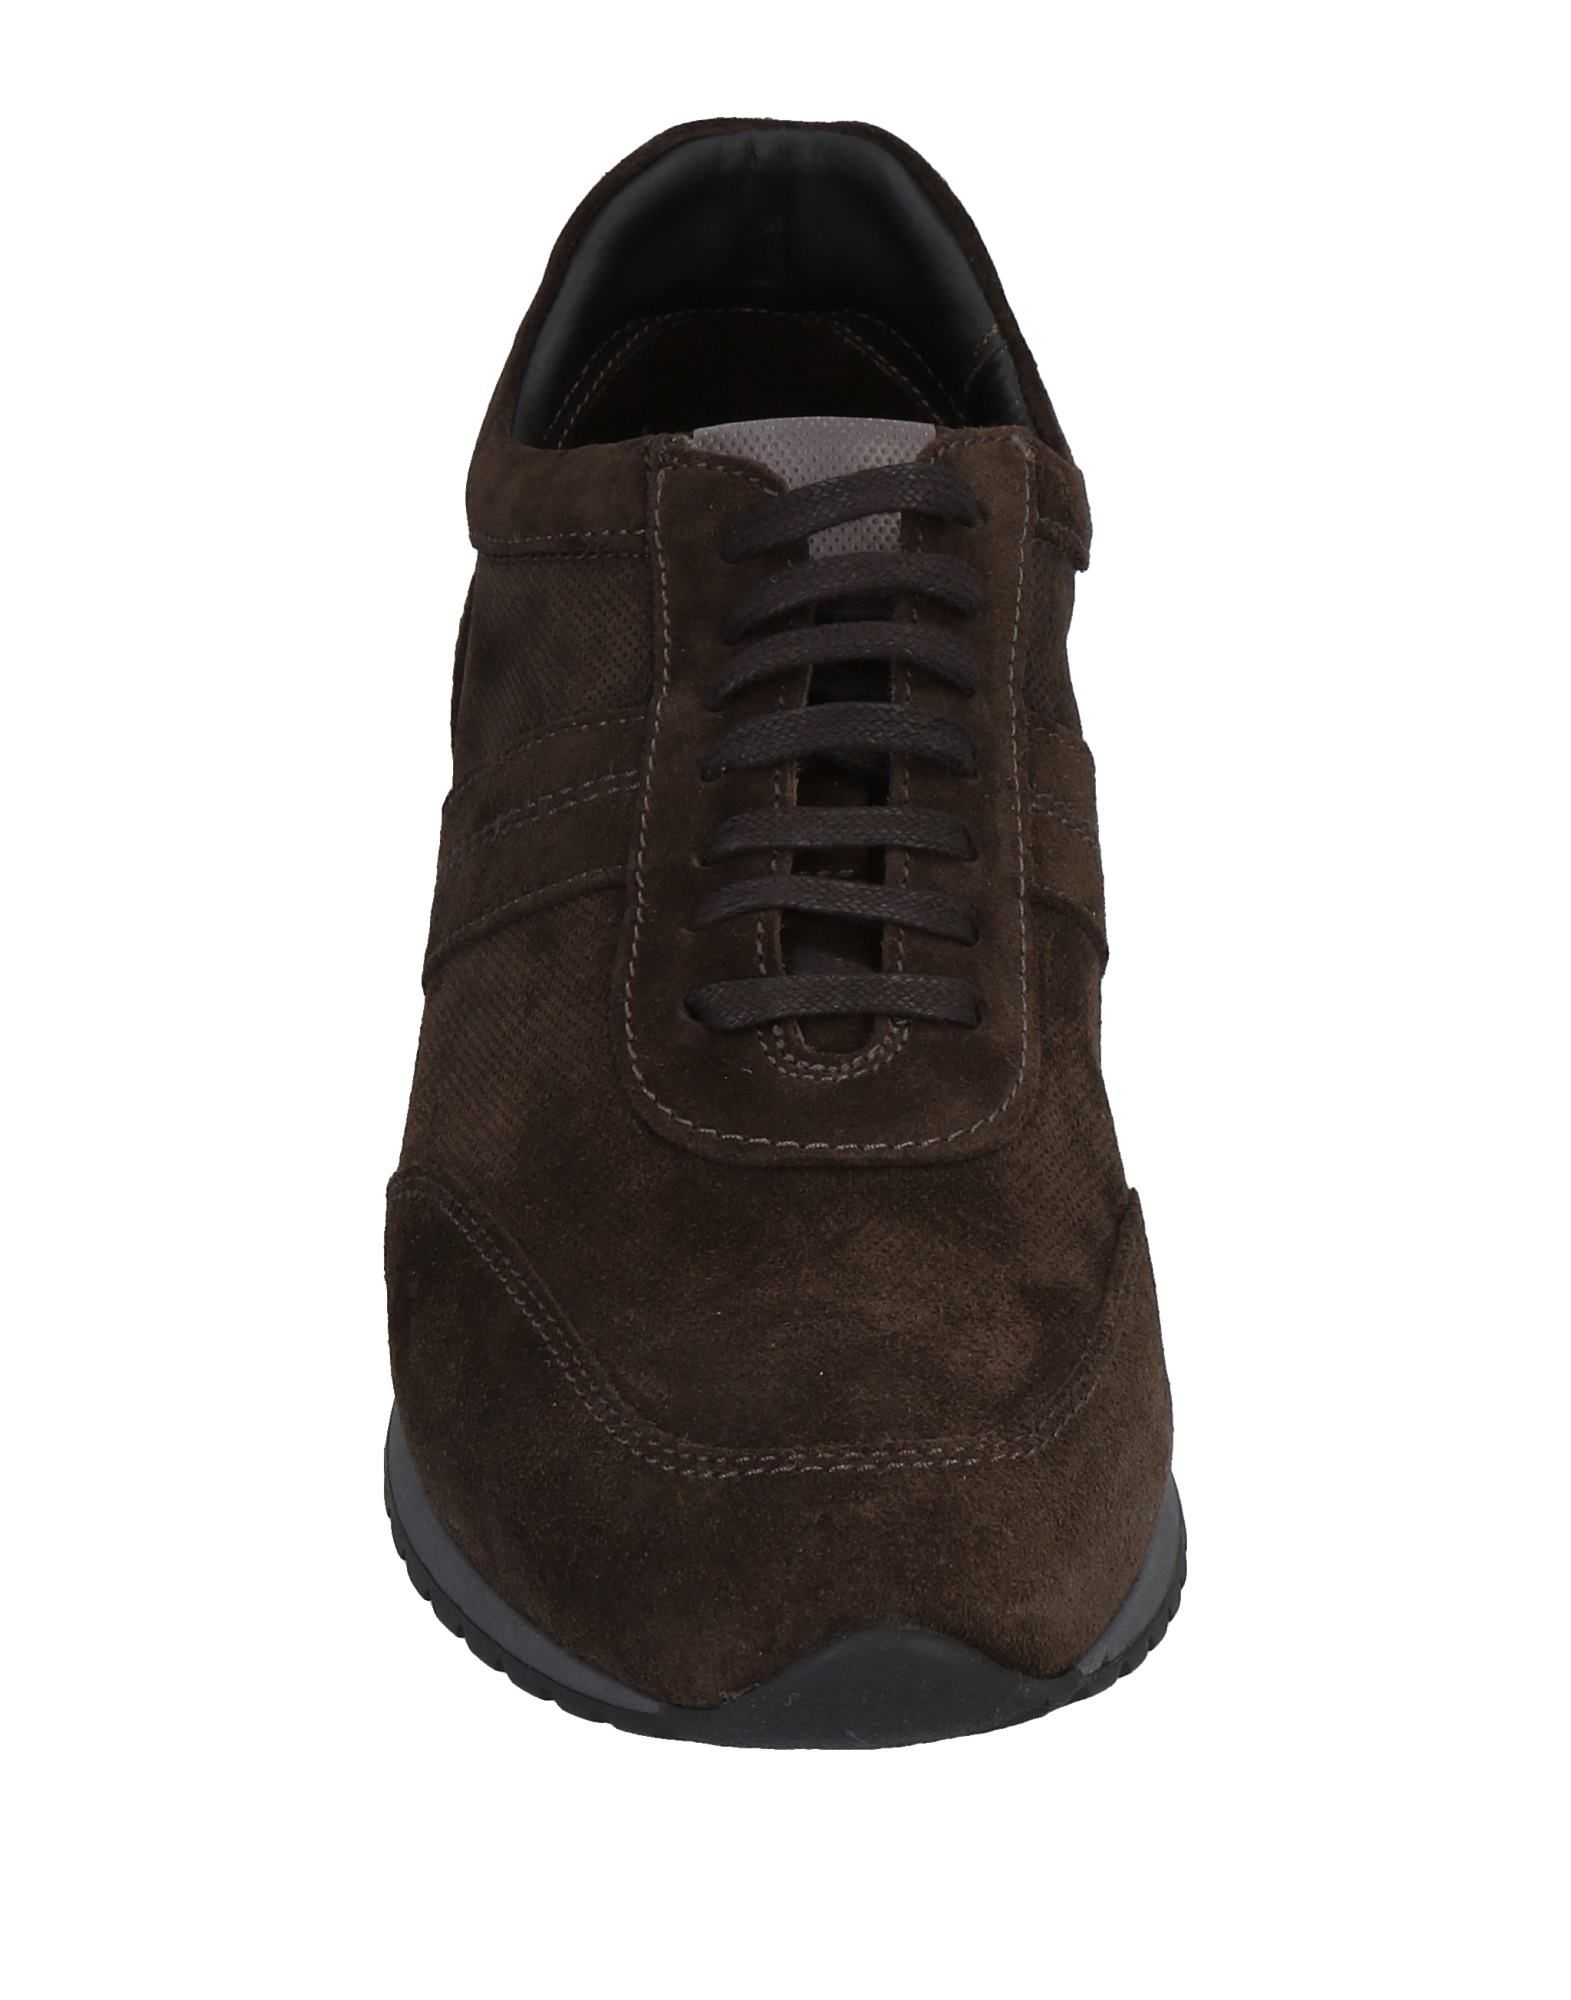 Rabatt echte echte Rabatt Schuhe Marco Ferretti Sneakers Herren  11497275CT 6e2e3f